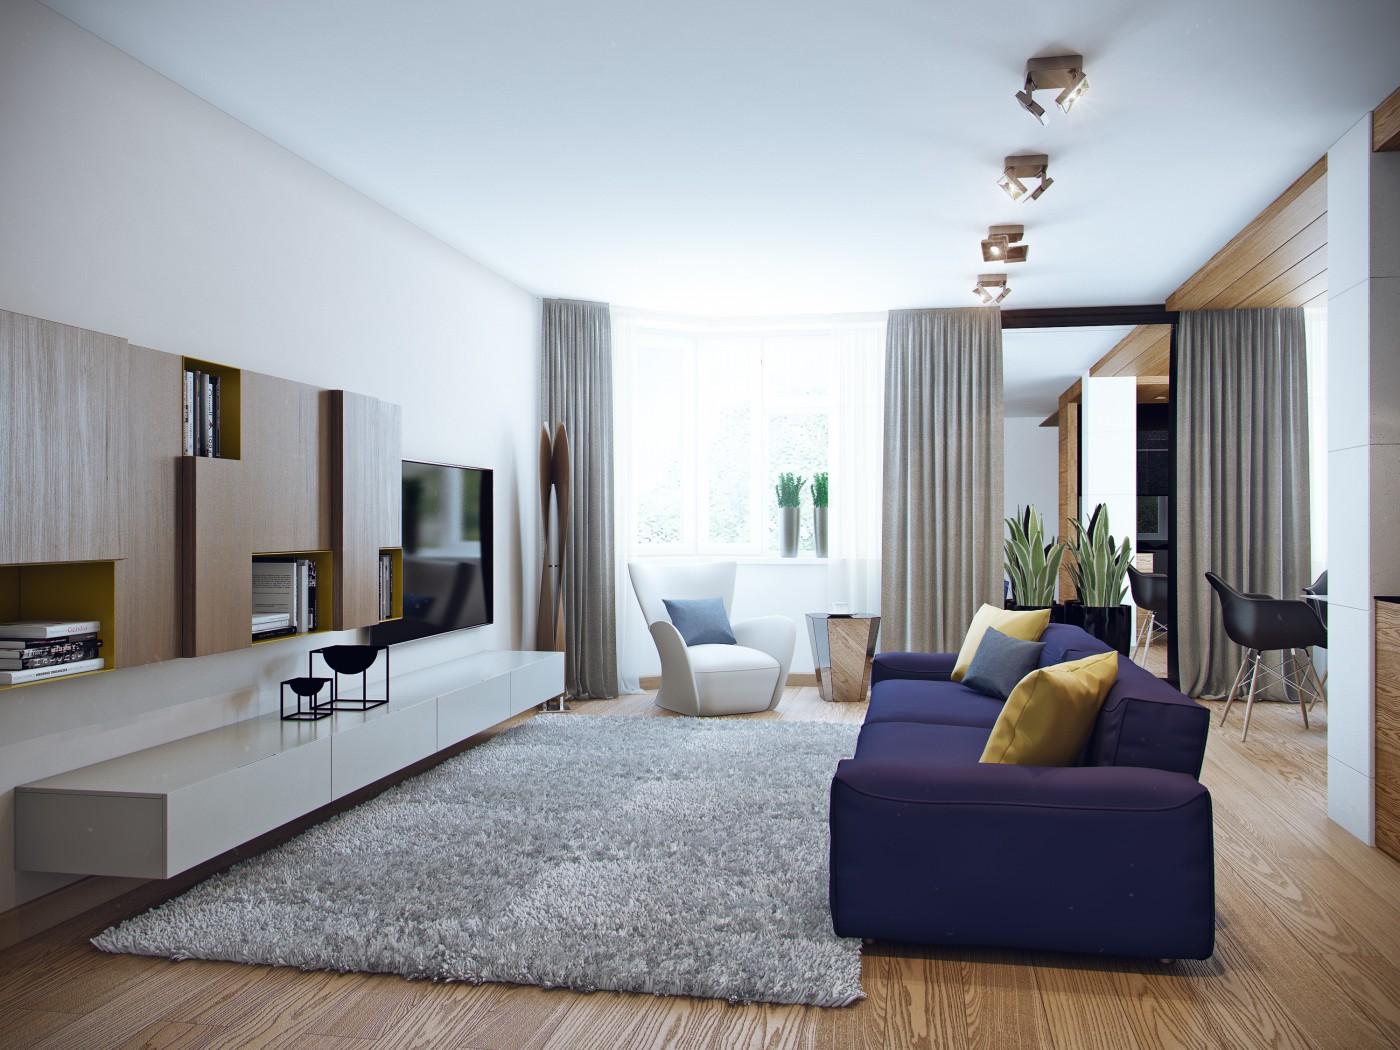 Дизайн квартир как стиль жизни